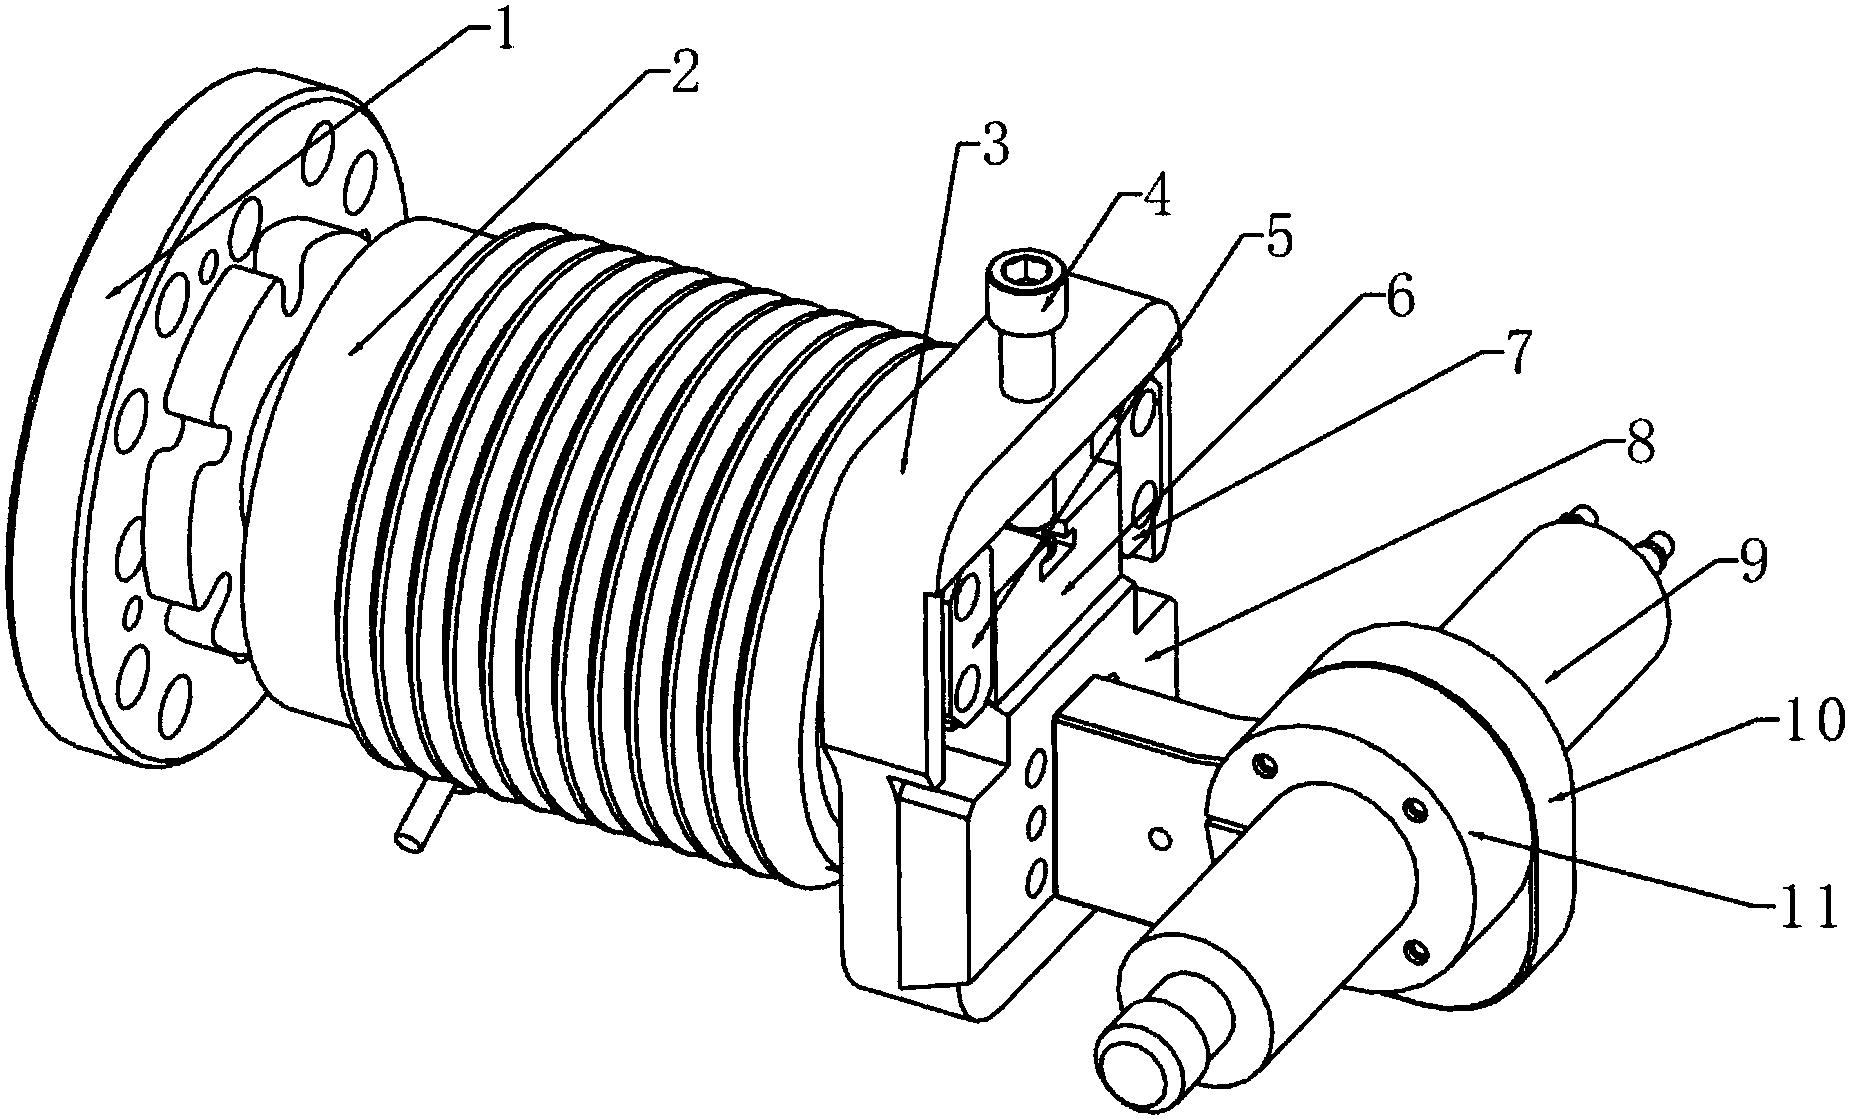 cn105904297b_一种用于机器人末端的柔性打磨直磨机装置有效